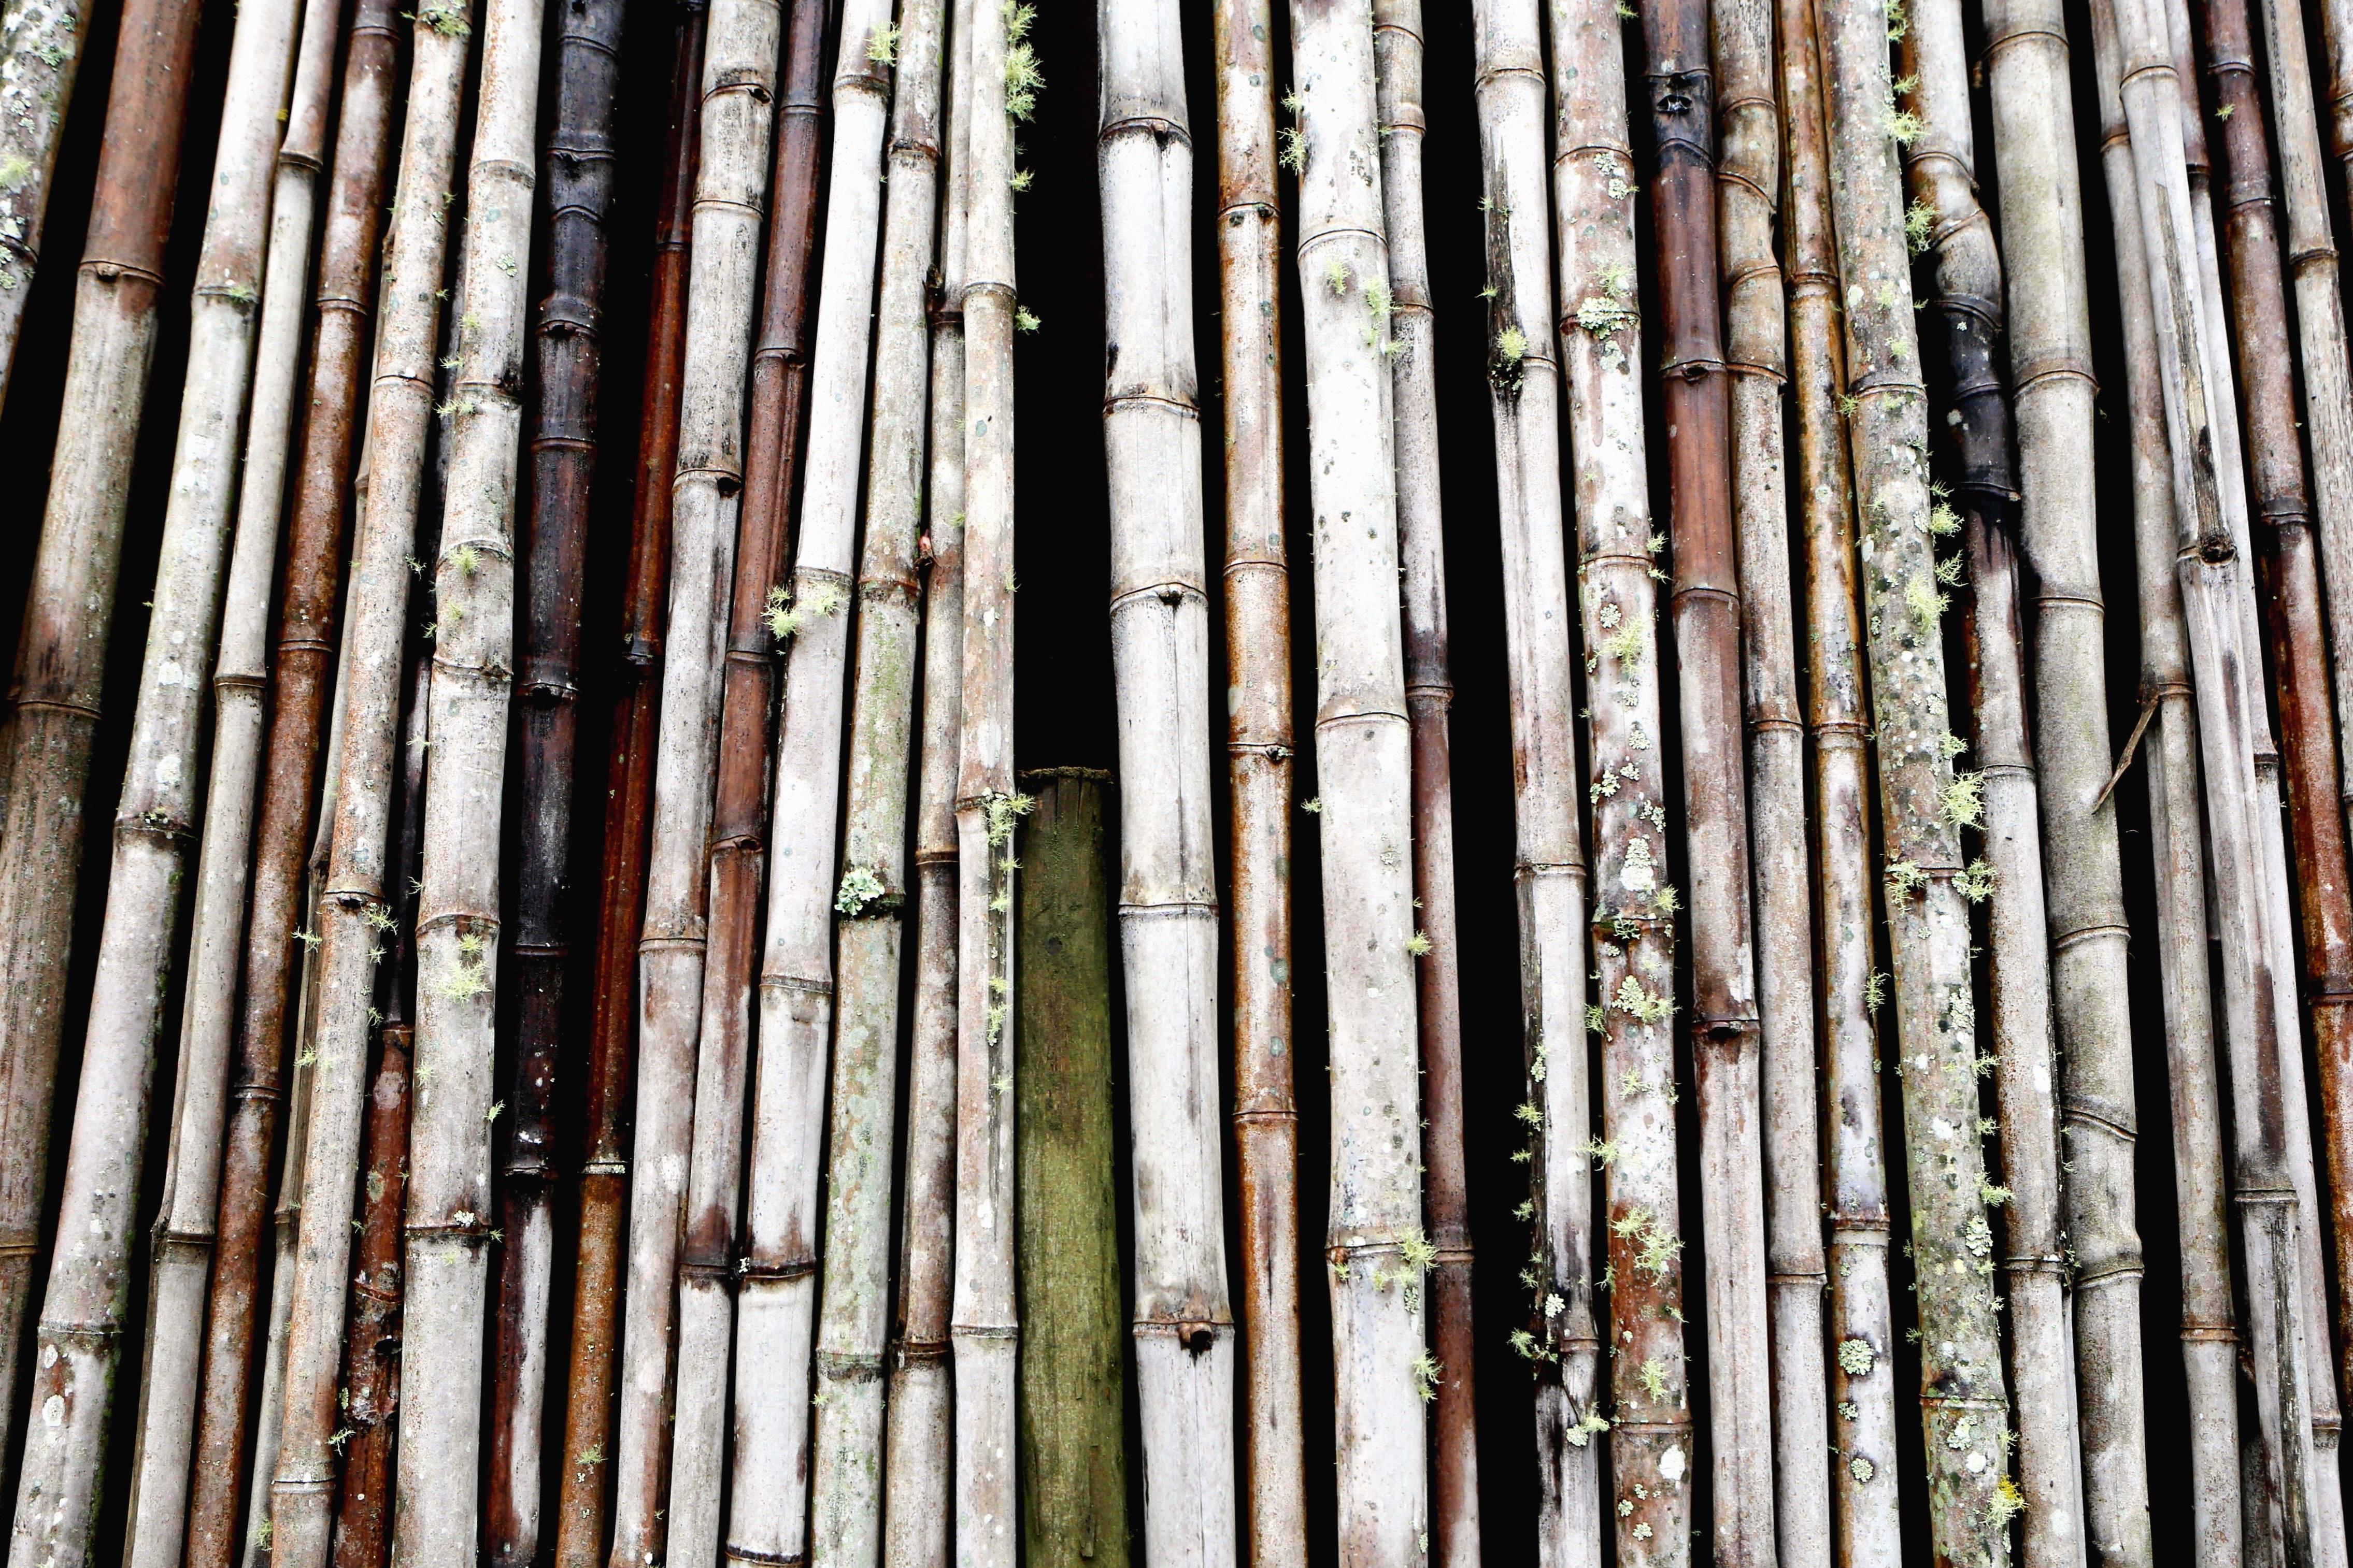 Kostenlose Bild Bambus beschaffenheit wand holz entwurf zaun